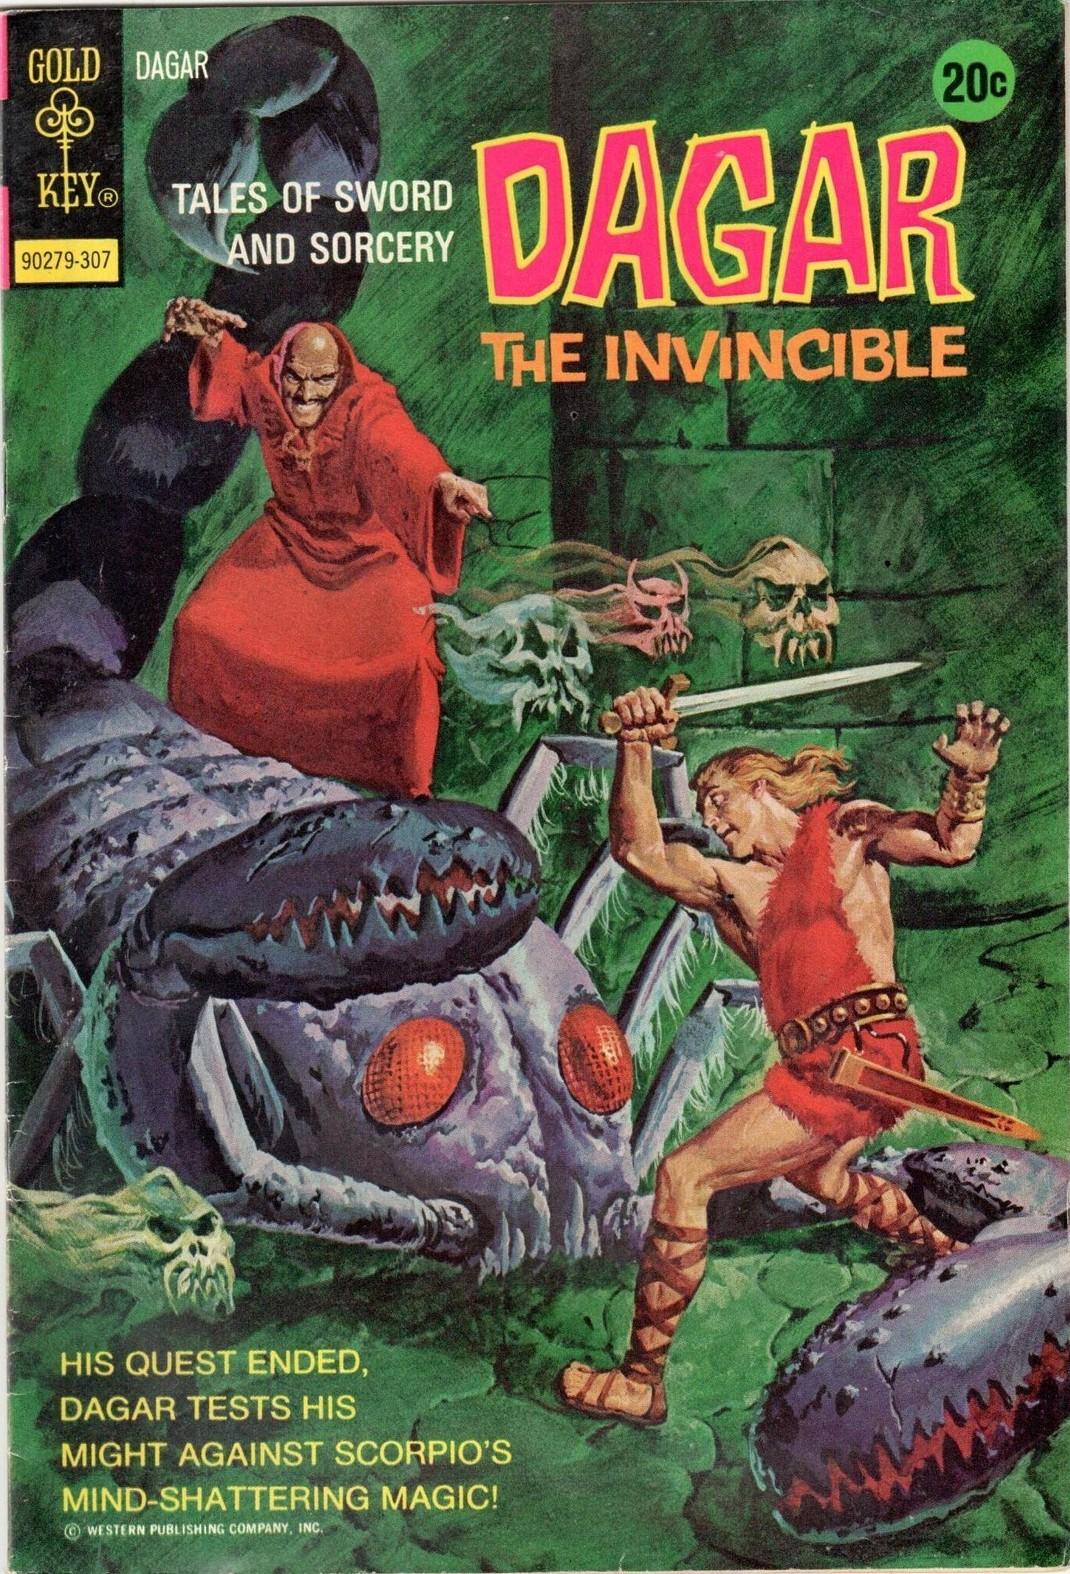 Tales of Sword and Sorcery Dagar the Invincible Vol 1 4